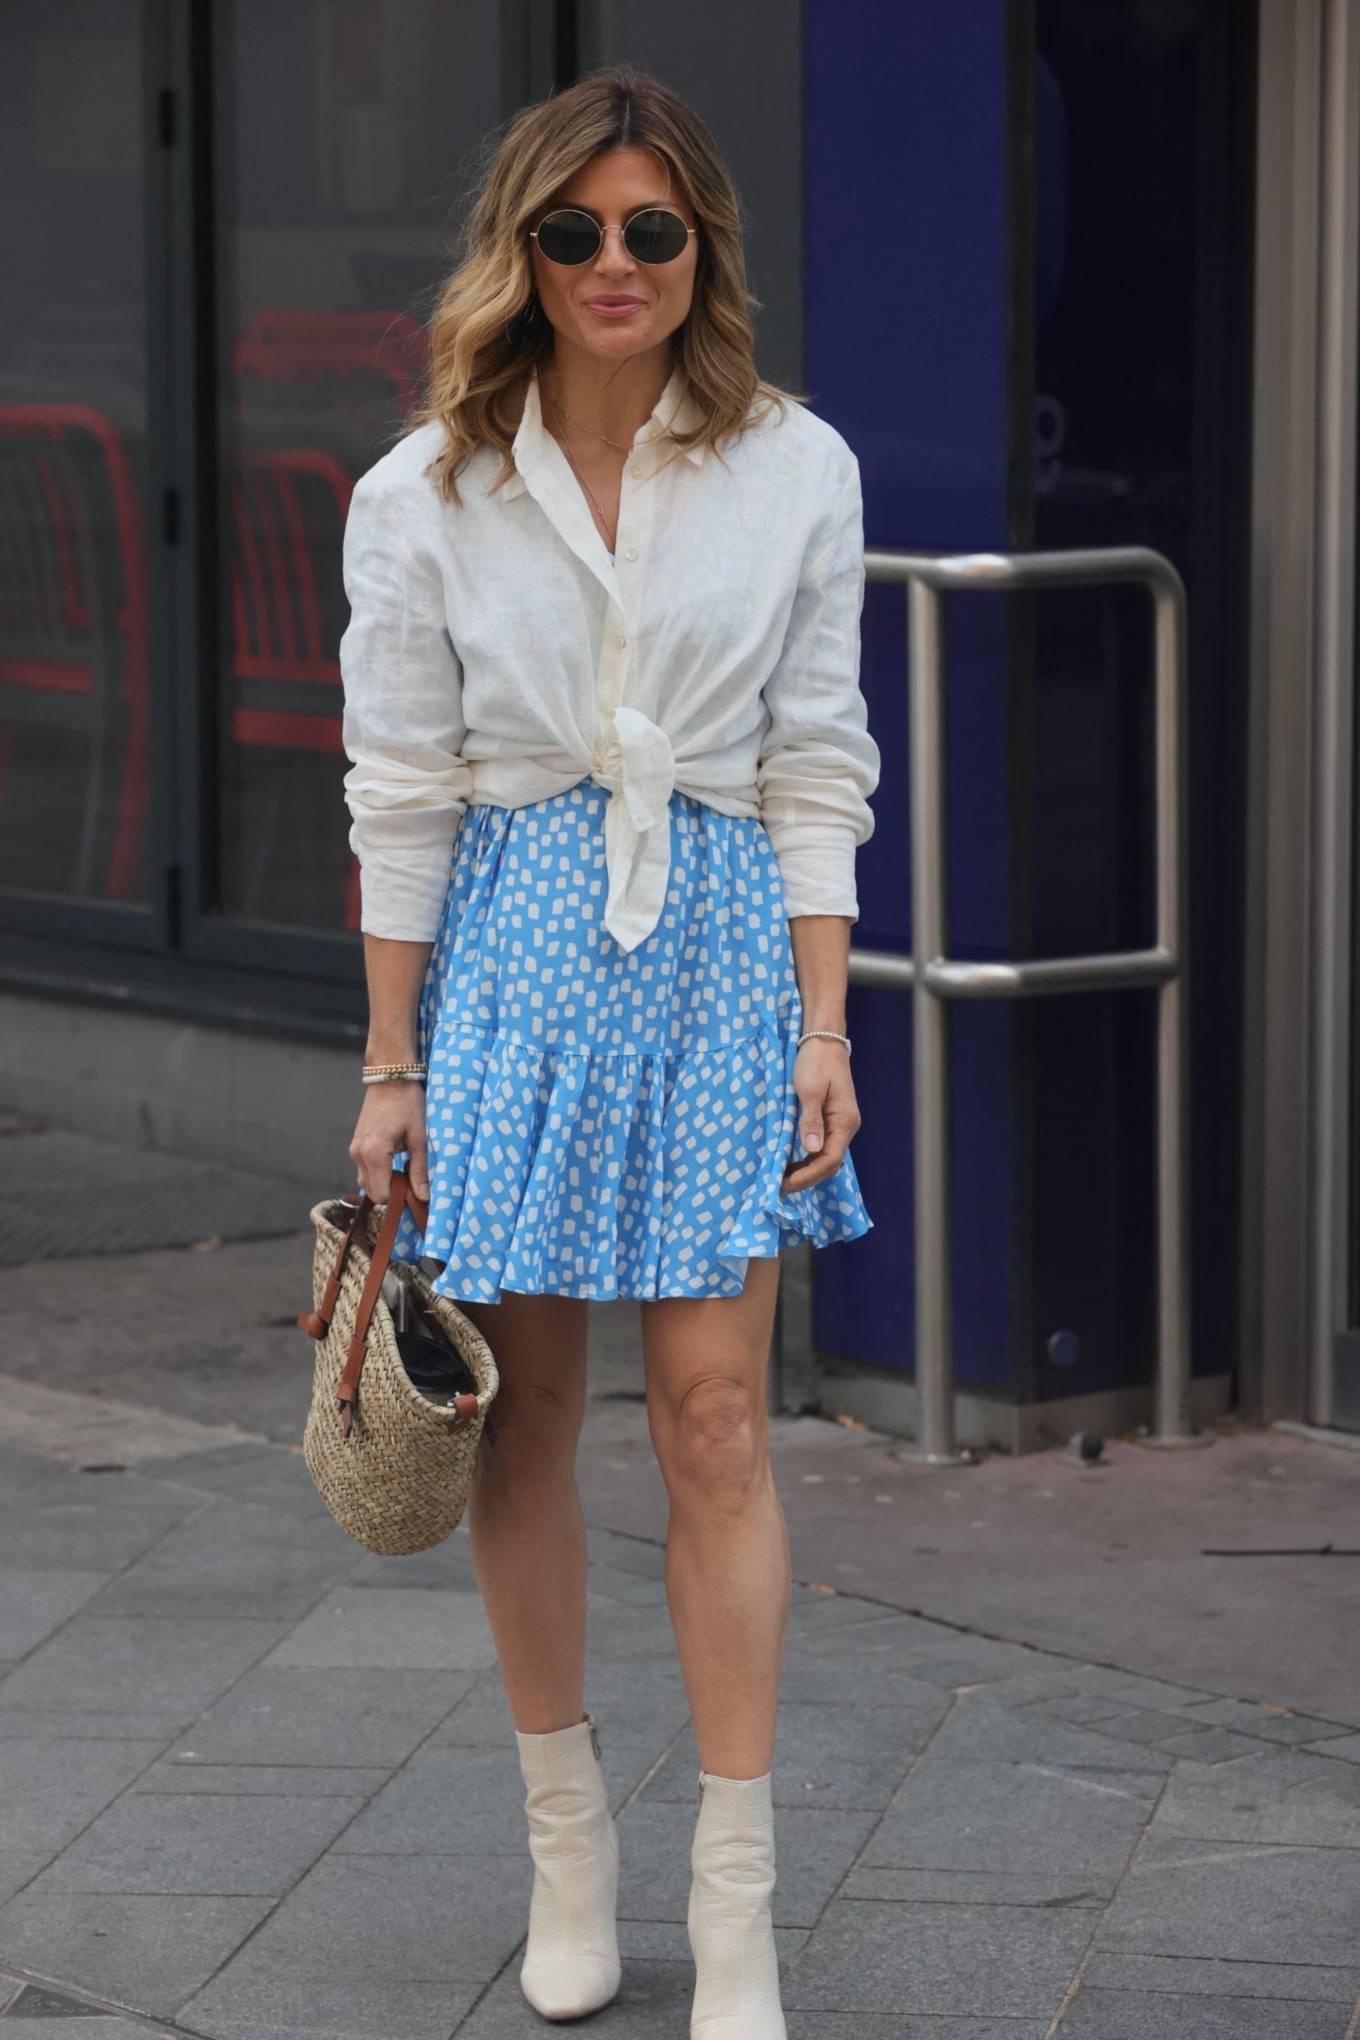 Zoe Hardma 2021 : Zoe Hardman- In a mini skirt at heart Radio in London-03